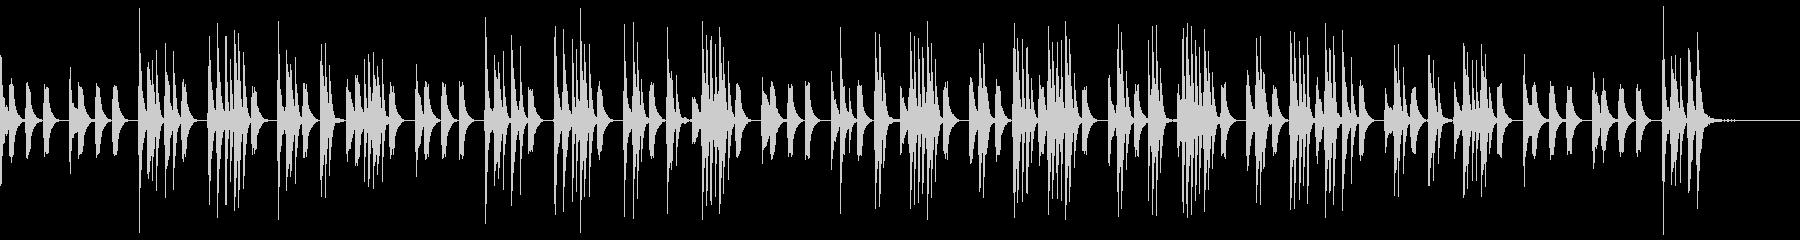 ほのぼの日常系、素朴な音色、ショートの未再生の波形